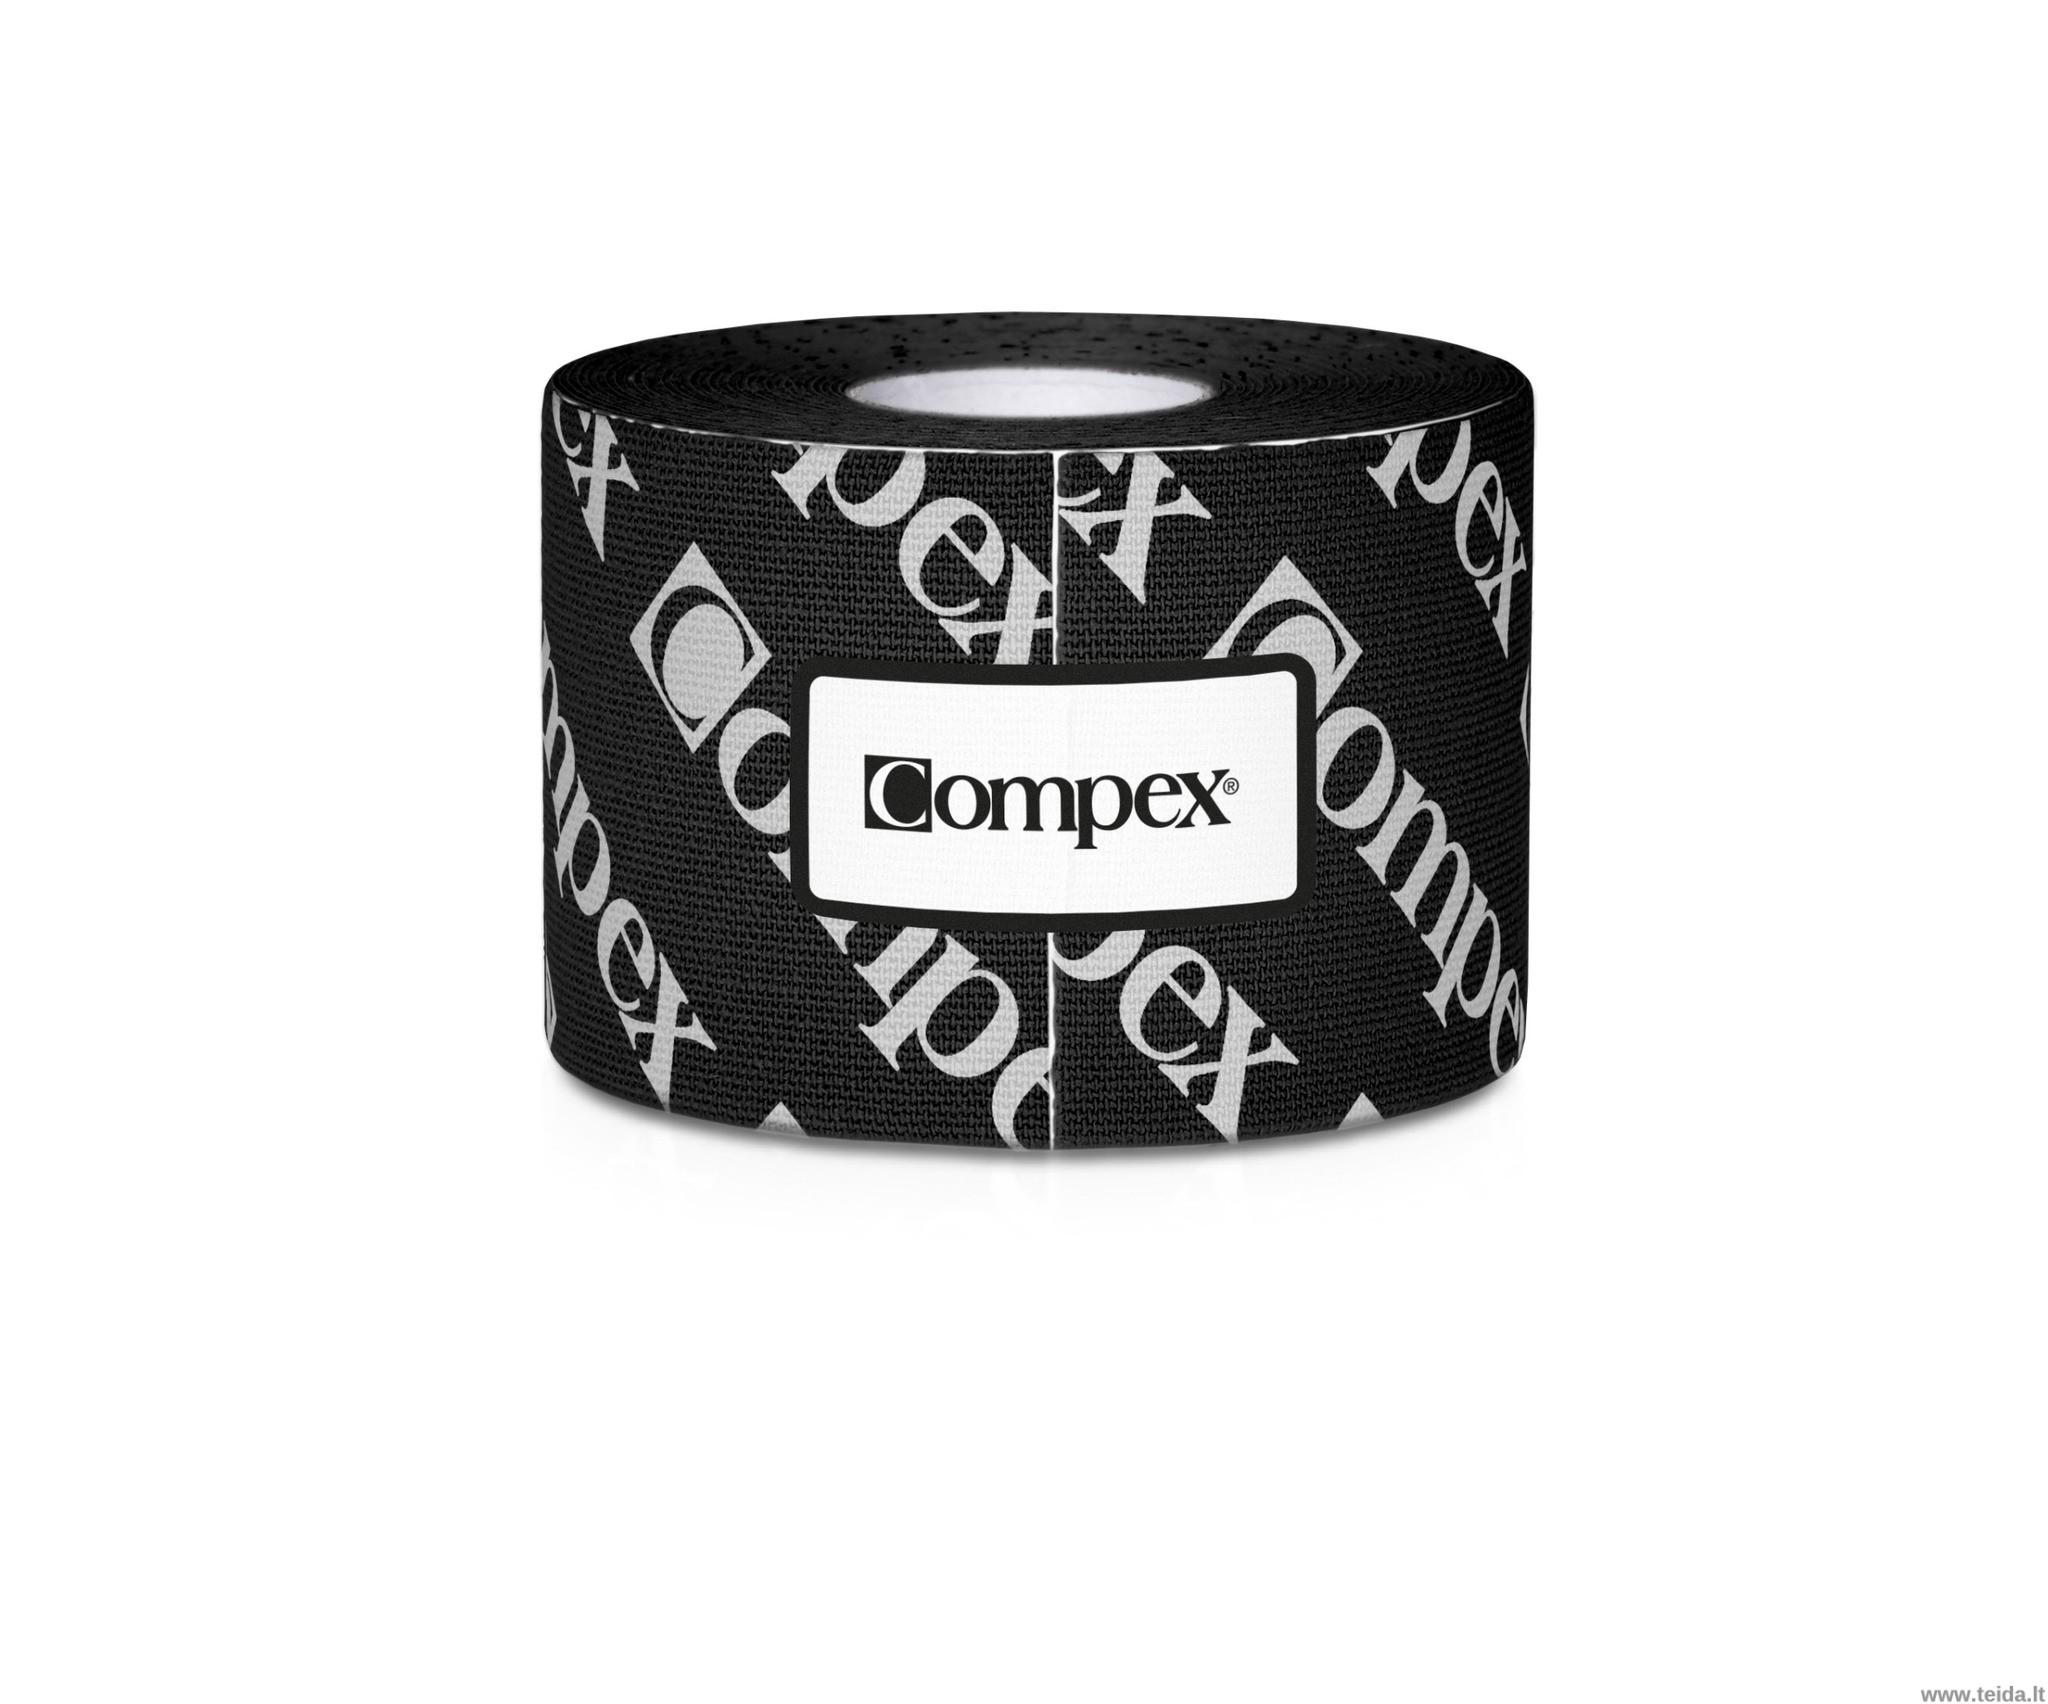 COMPEX kineziologinis teipas, juodas